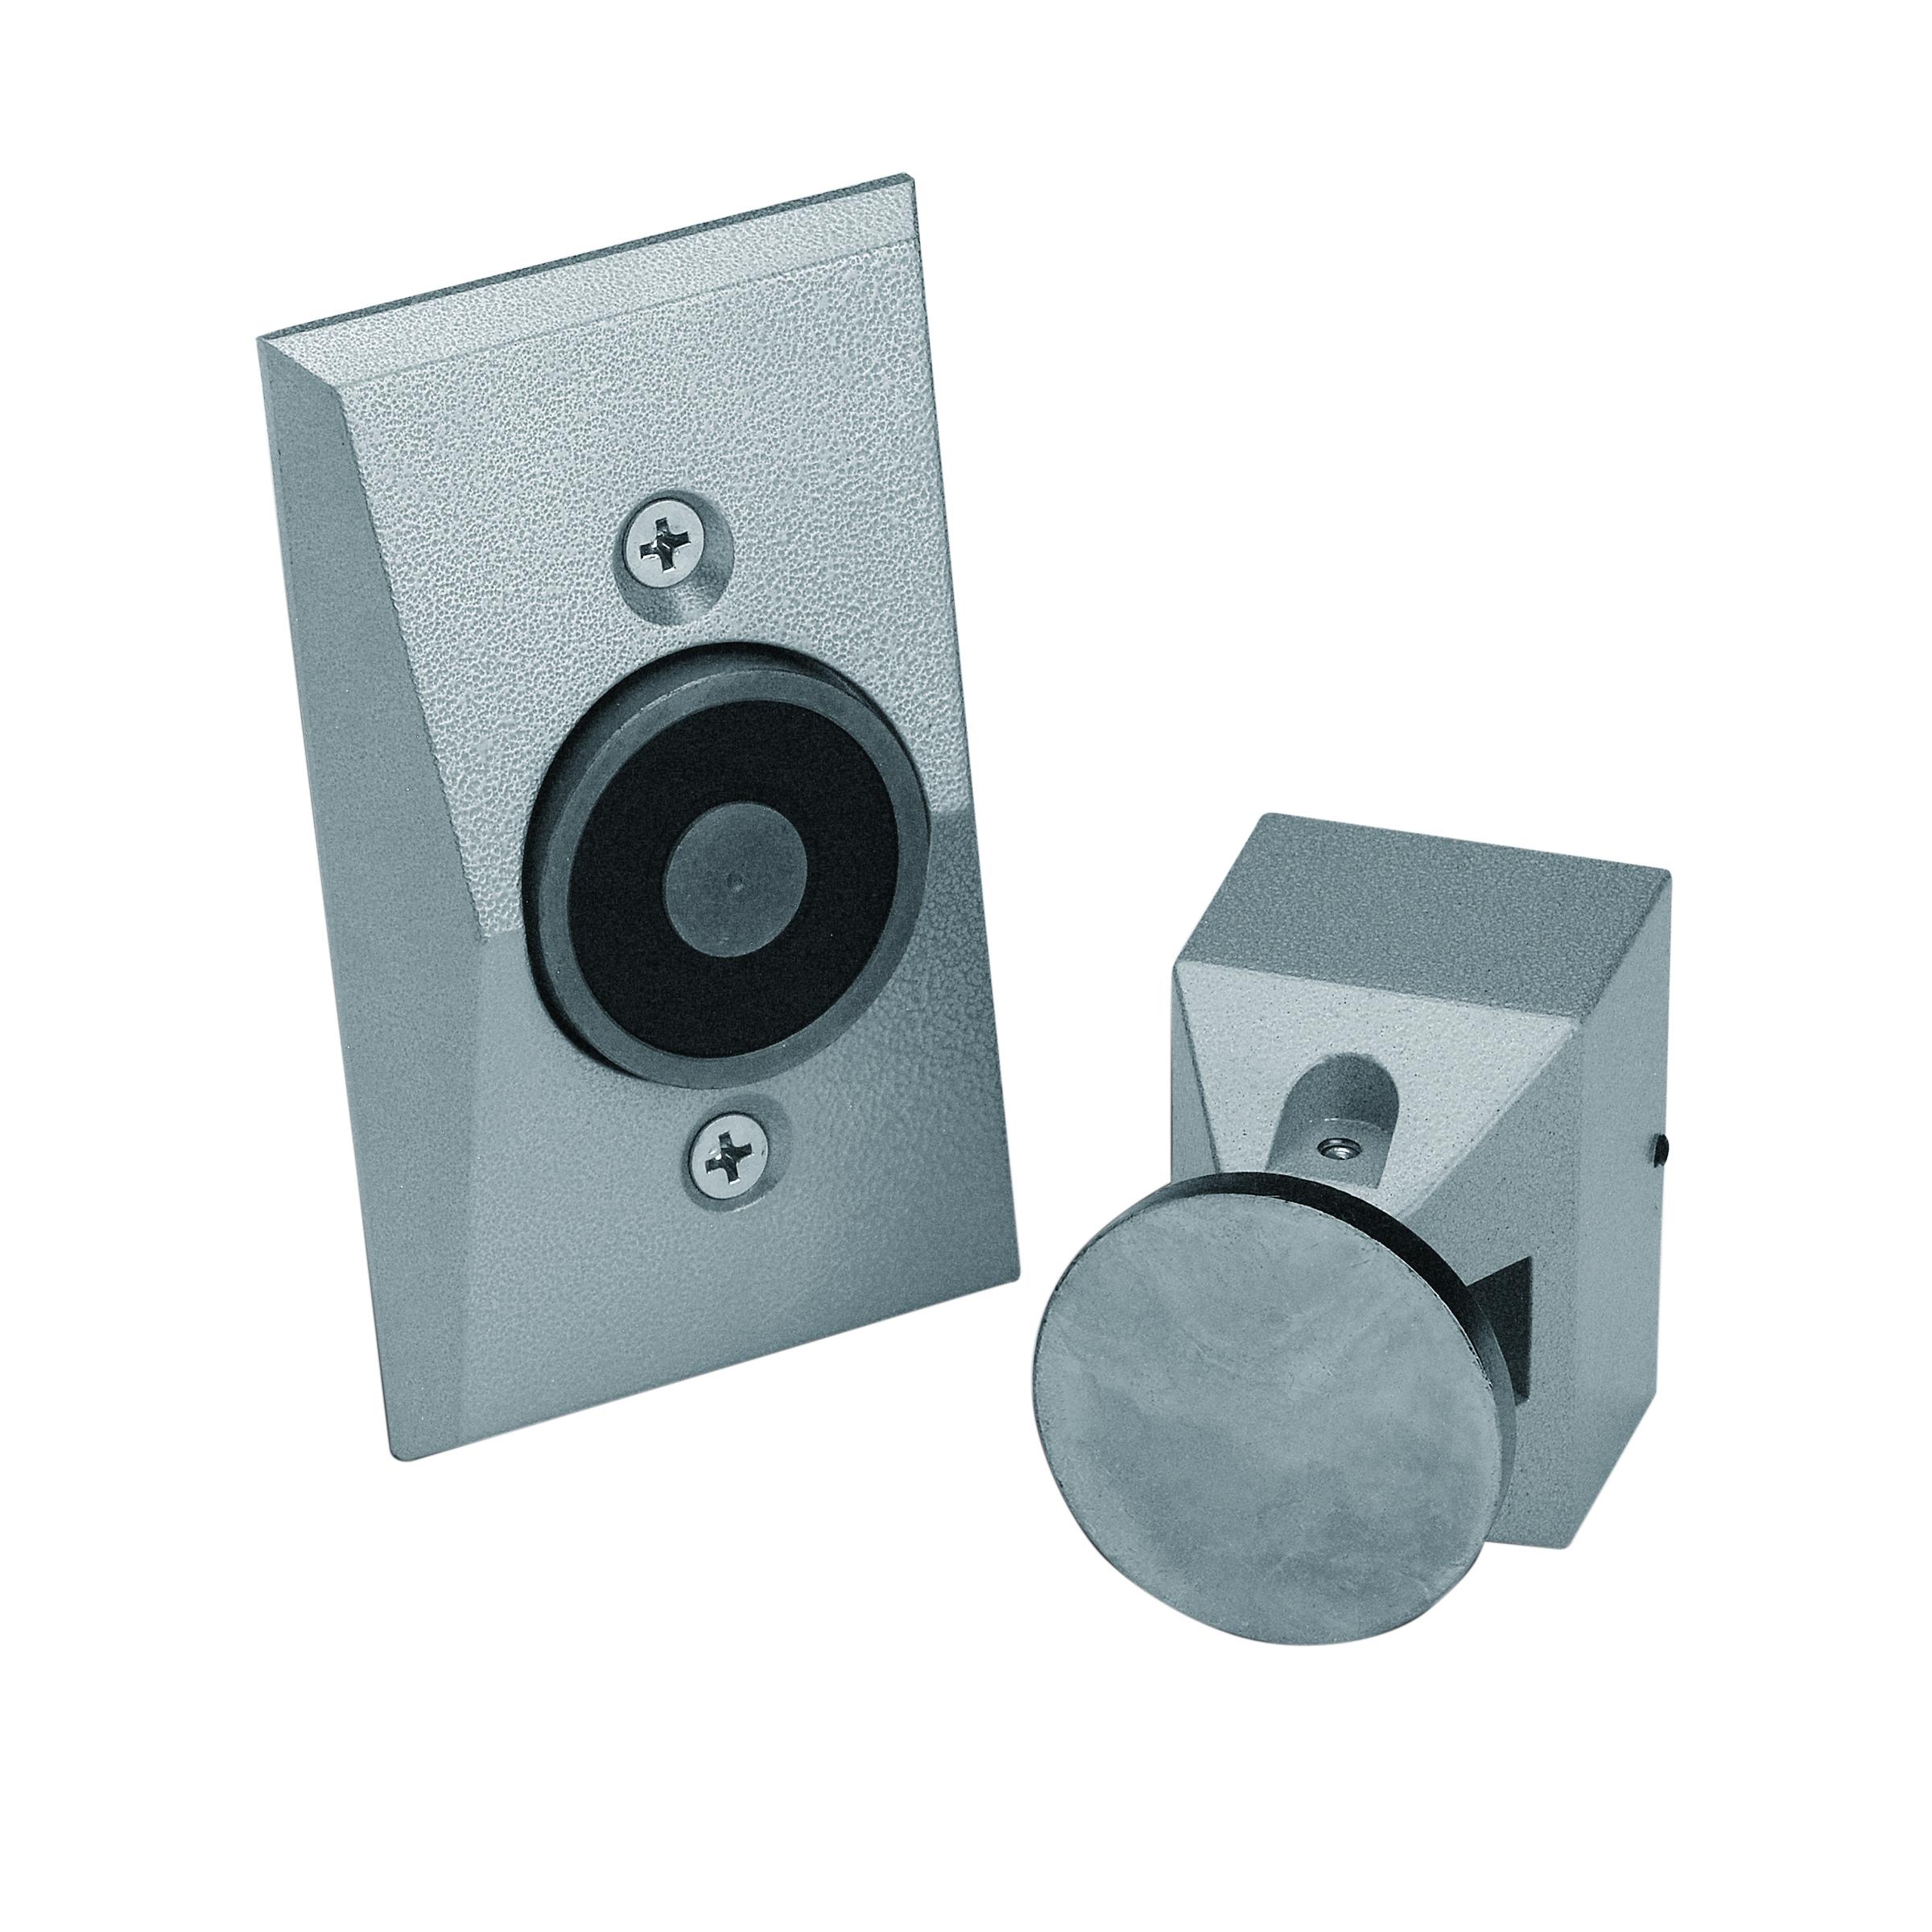 Dorma Em Series Electromagnetic Door Holders